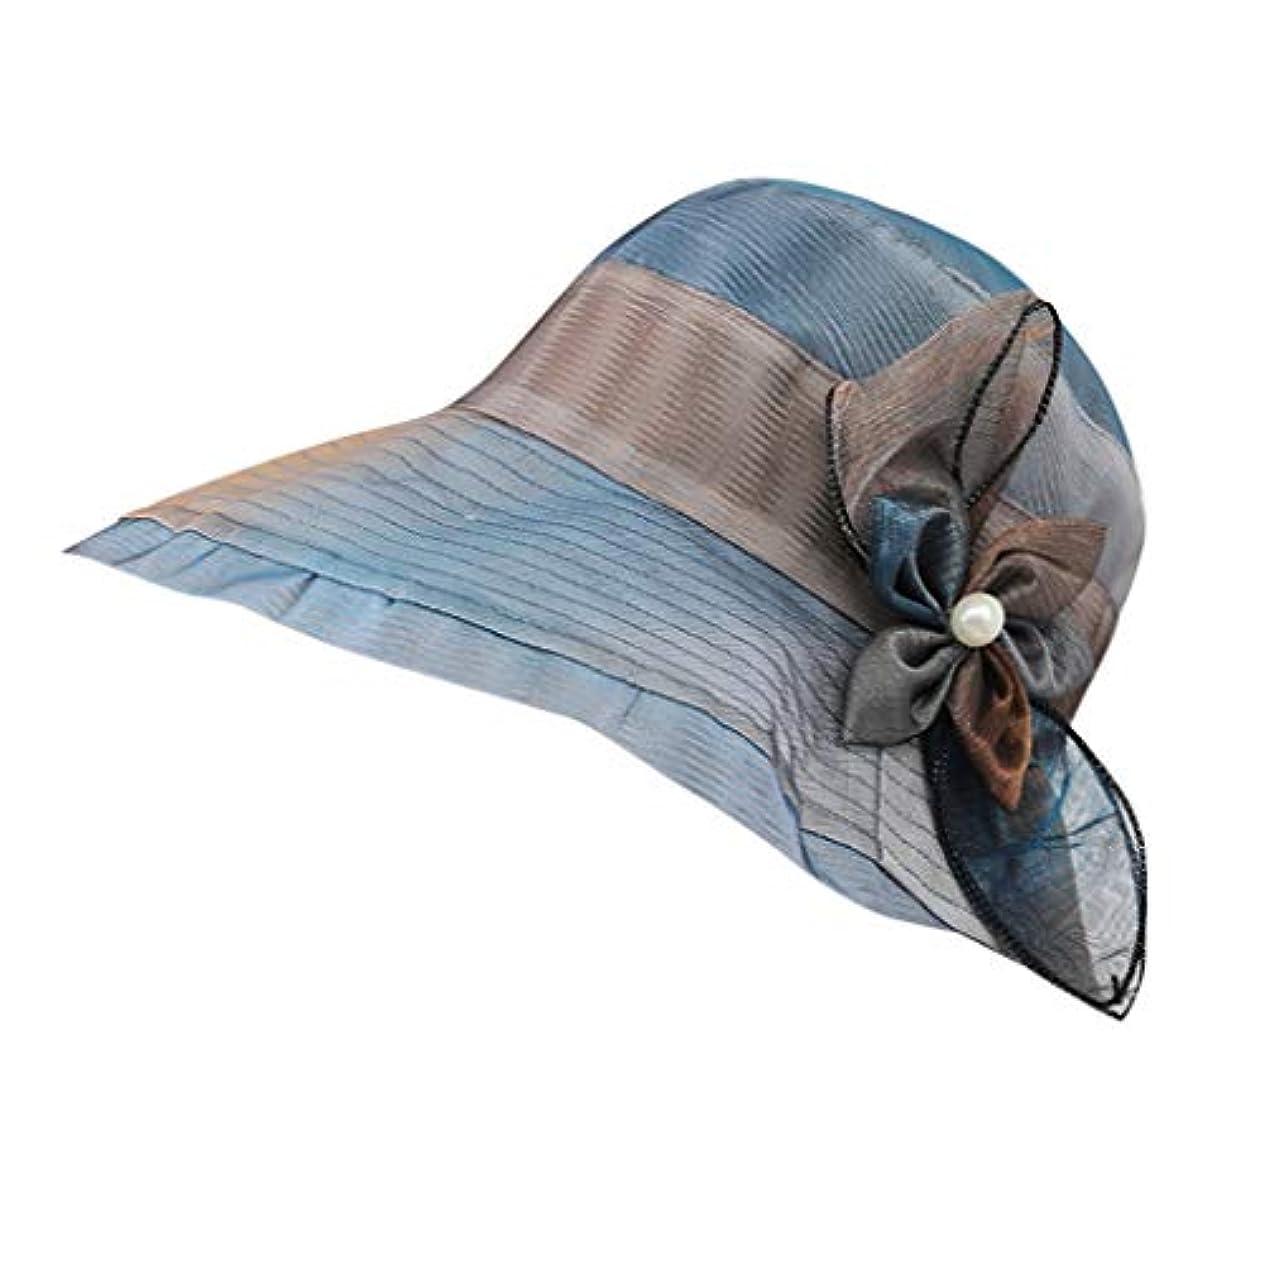 邪魔ミリメートルオッズハット レディース UVカット 帽子 レディース 日よけ 帽子 レディース つば広 無地 洗える 紫外線対策 ハット カジュアル 旅行用 日よけ 夏季 女優帽 小顔効果抜群 可愛い 夏季 海 旅行 ROSE ROMAN